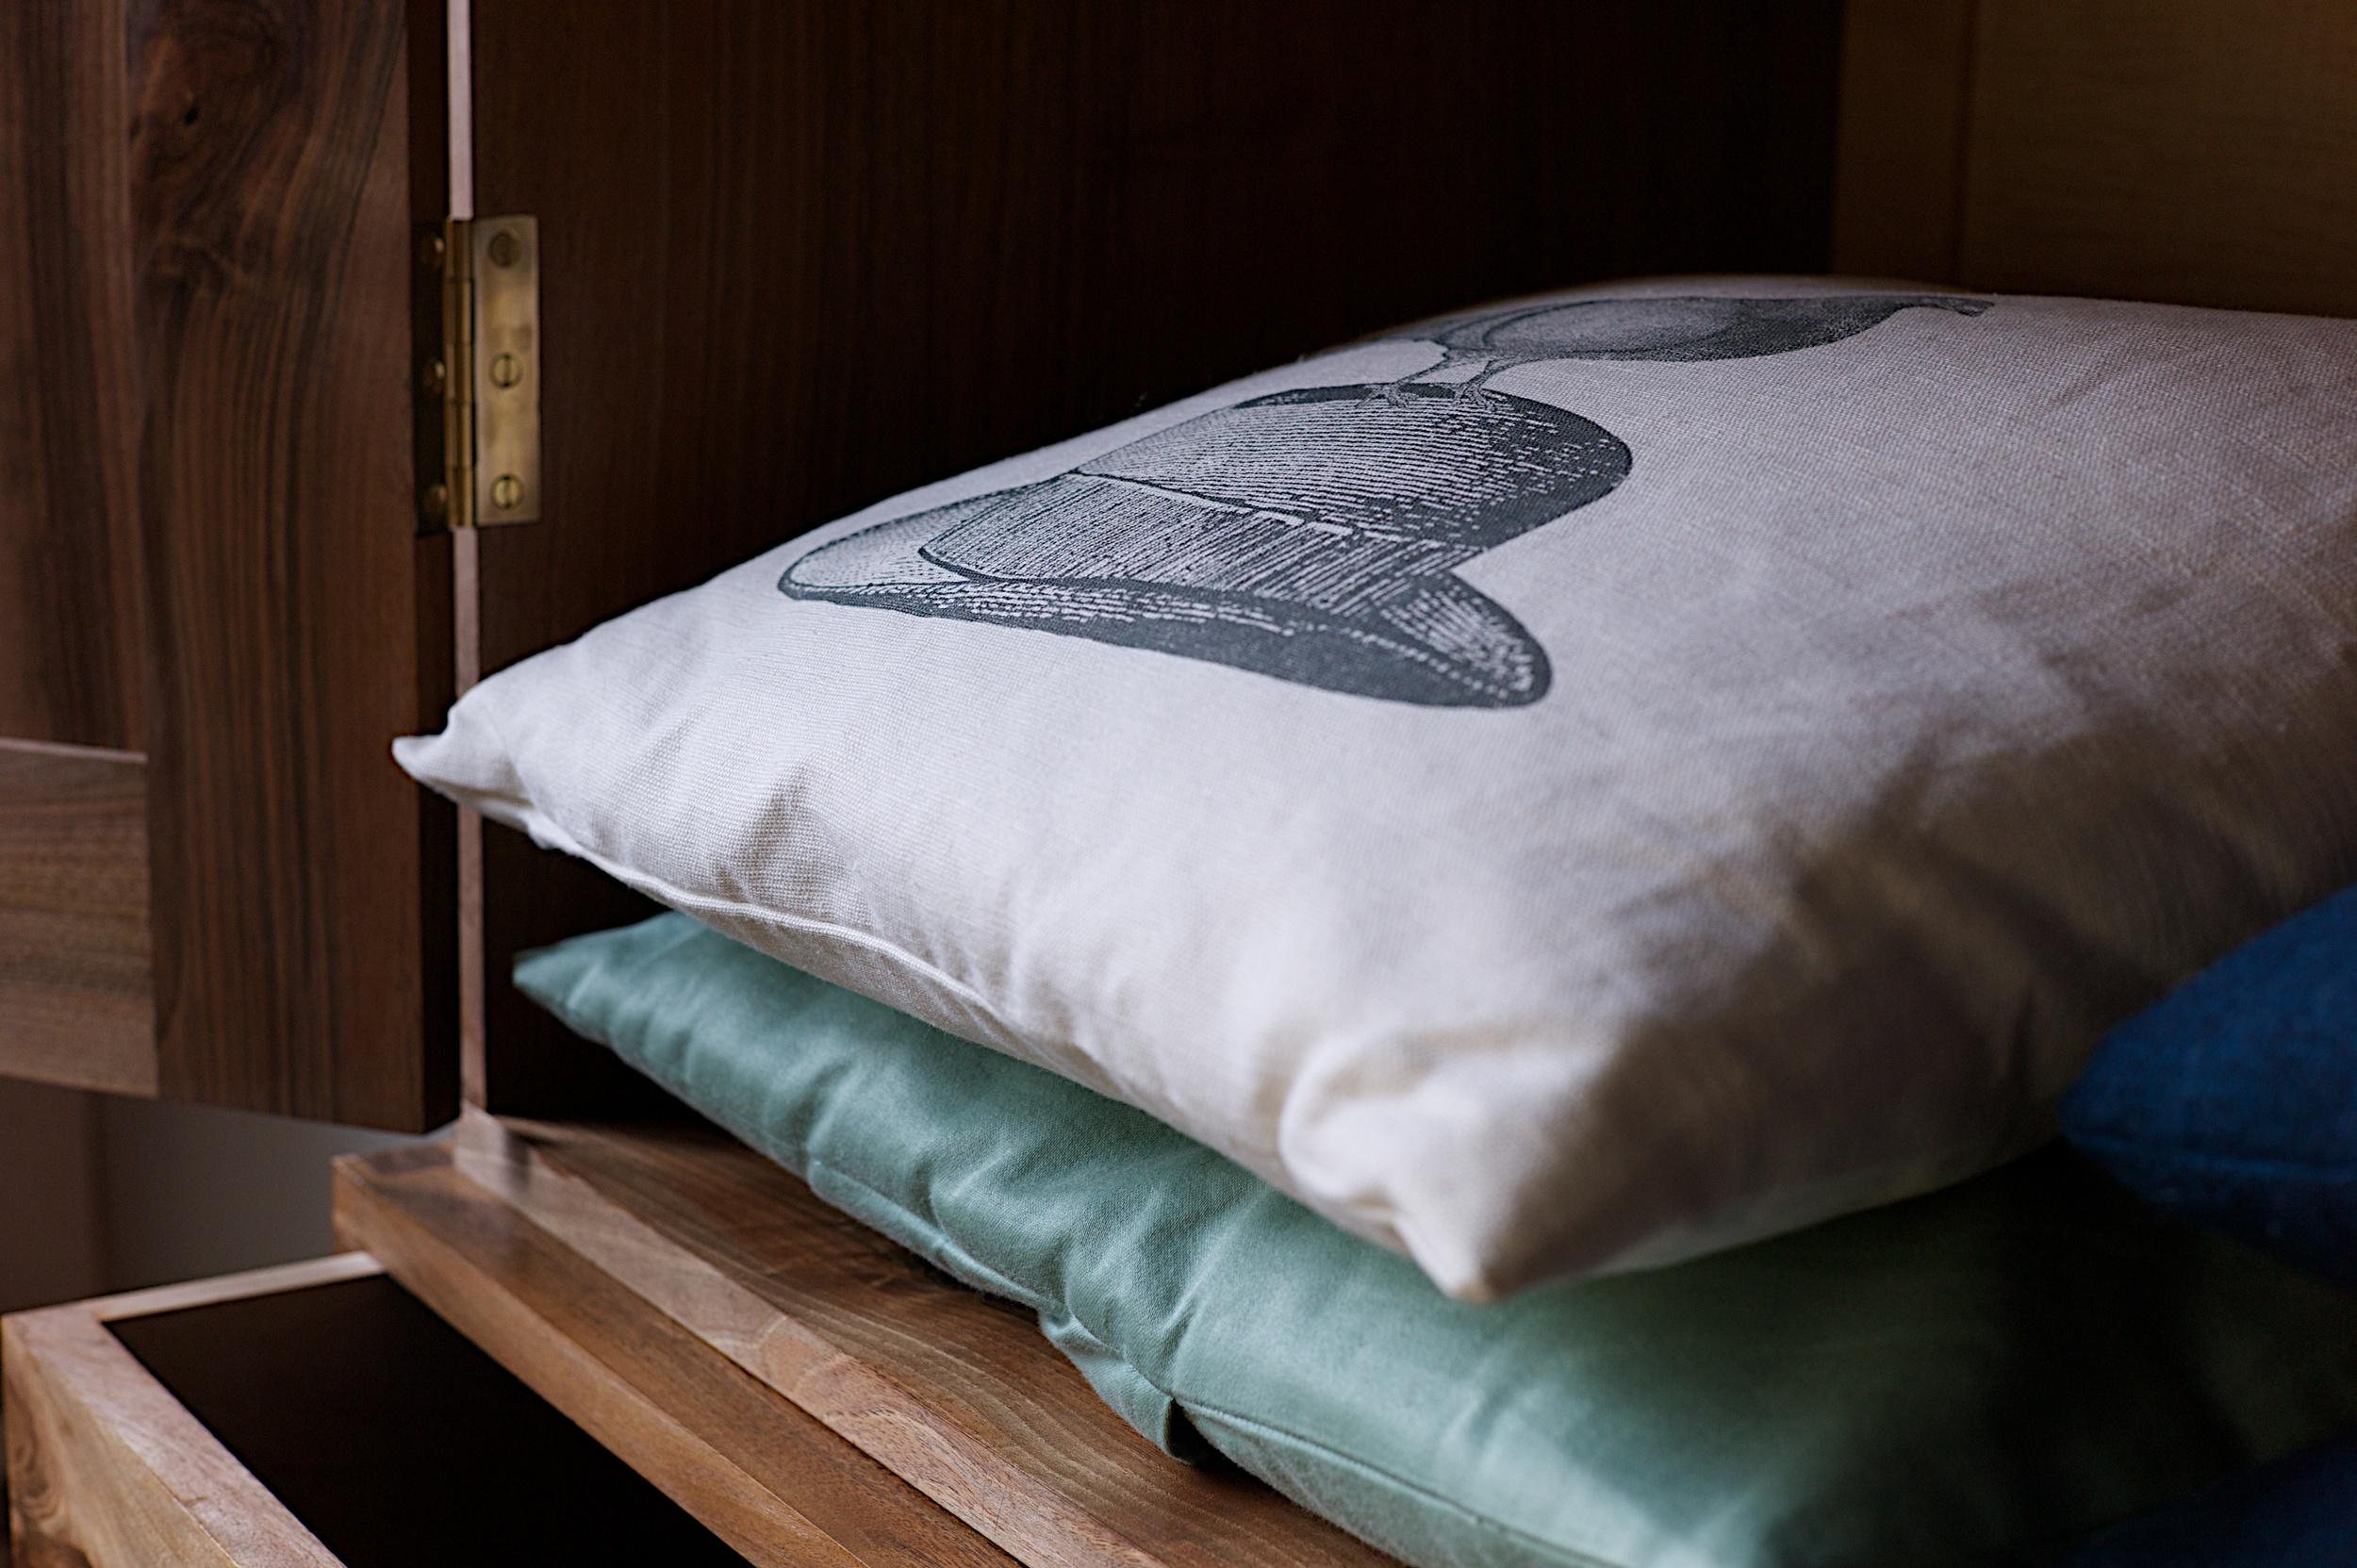 Linen press close up interior